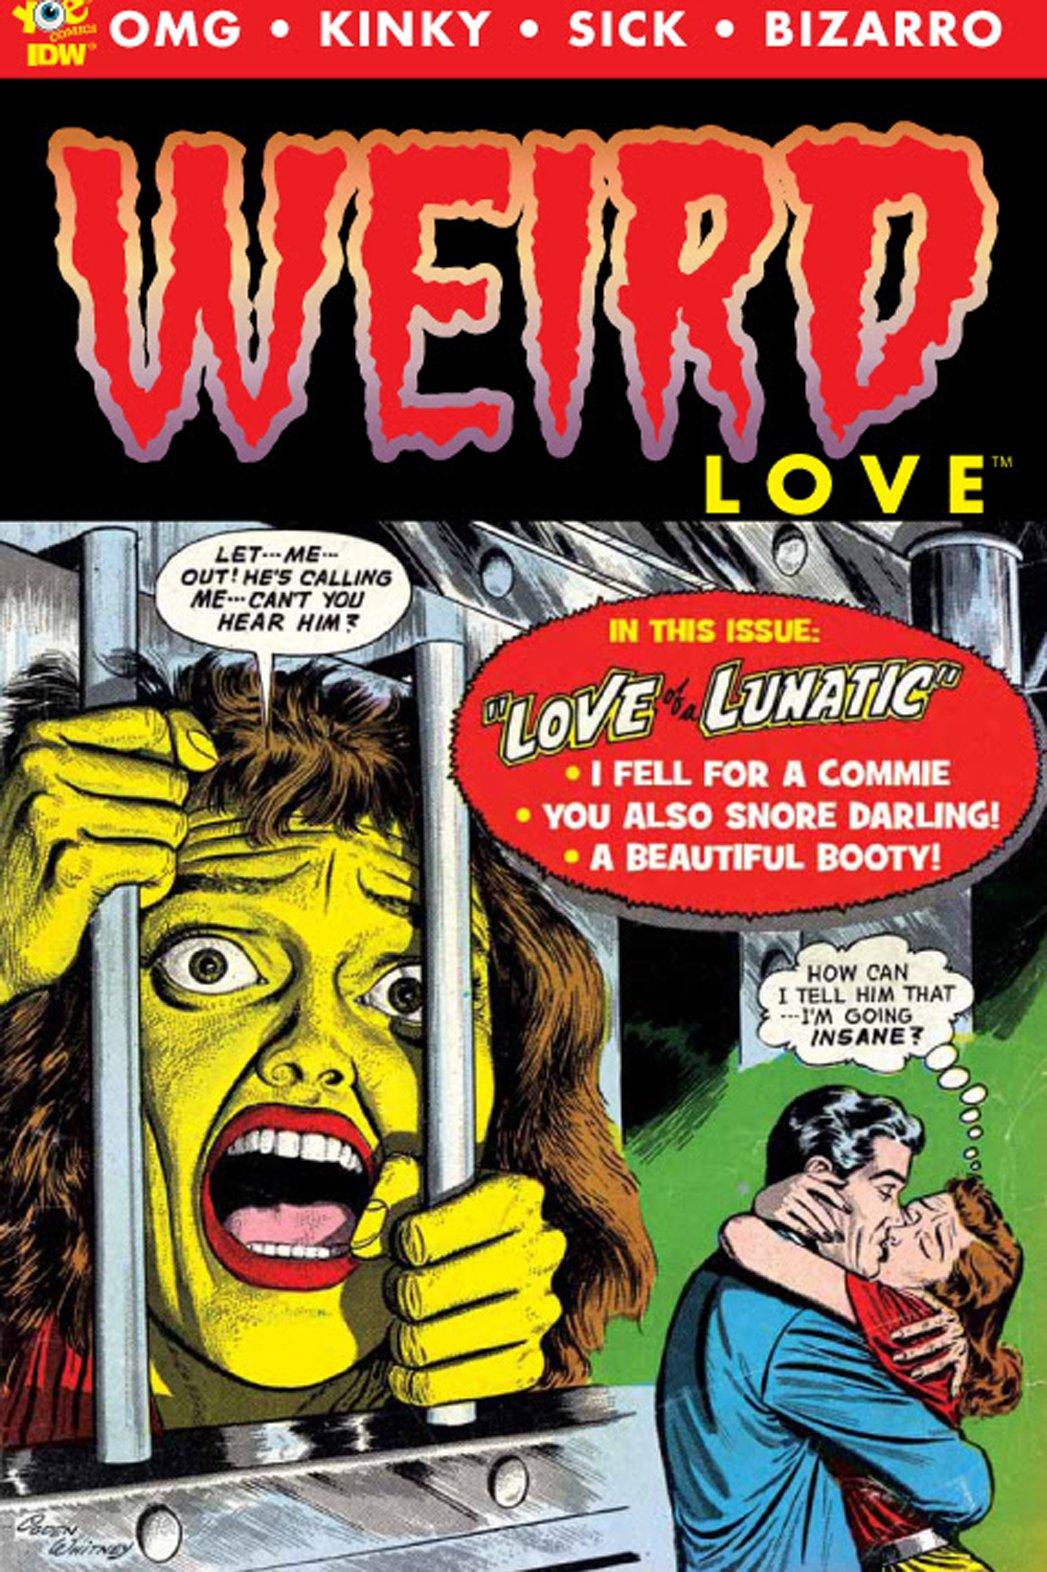 Weird_love_1_cover